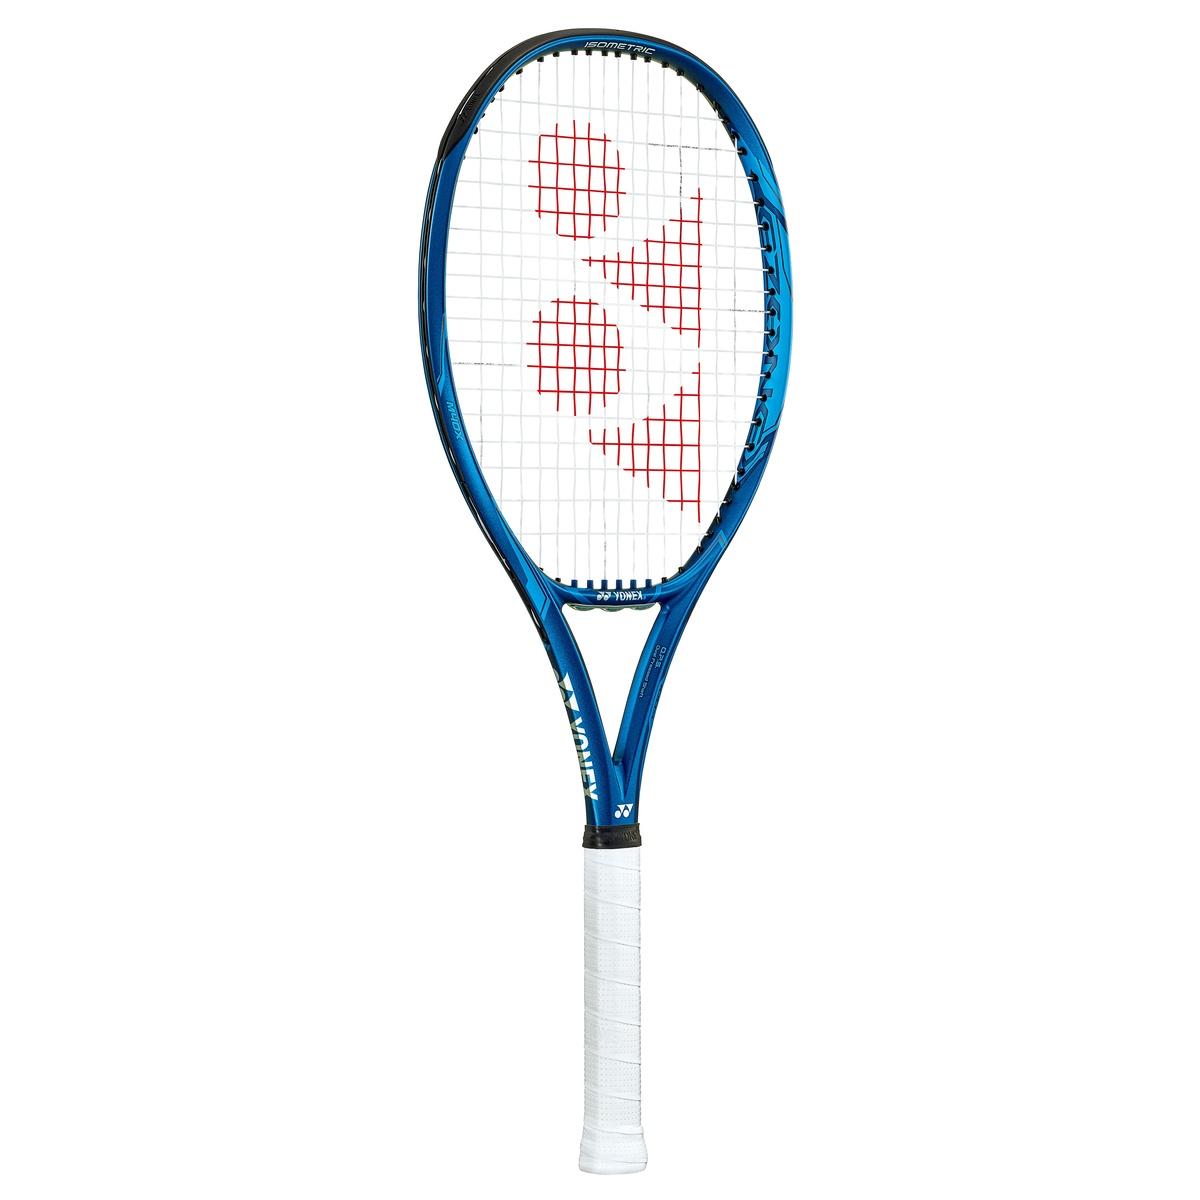 【送料無料】 YONEX (ヨネックス) 【フレームのみ】テニス フレームラケット Eゾーン100SL 06EZ100S  566